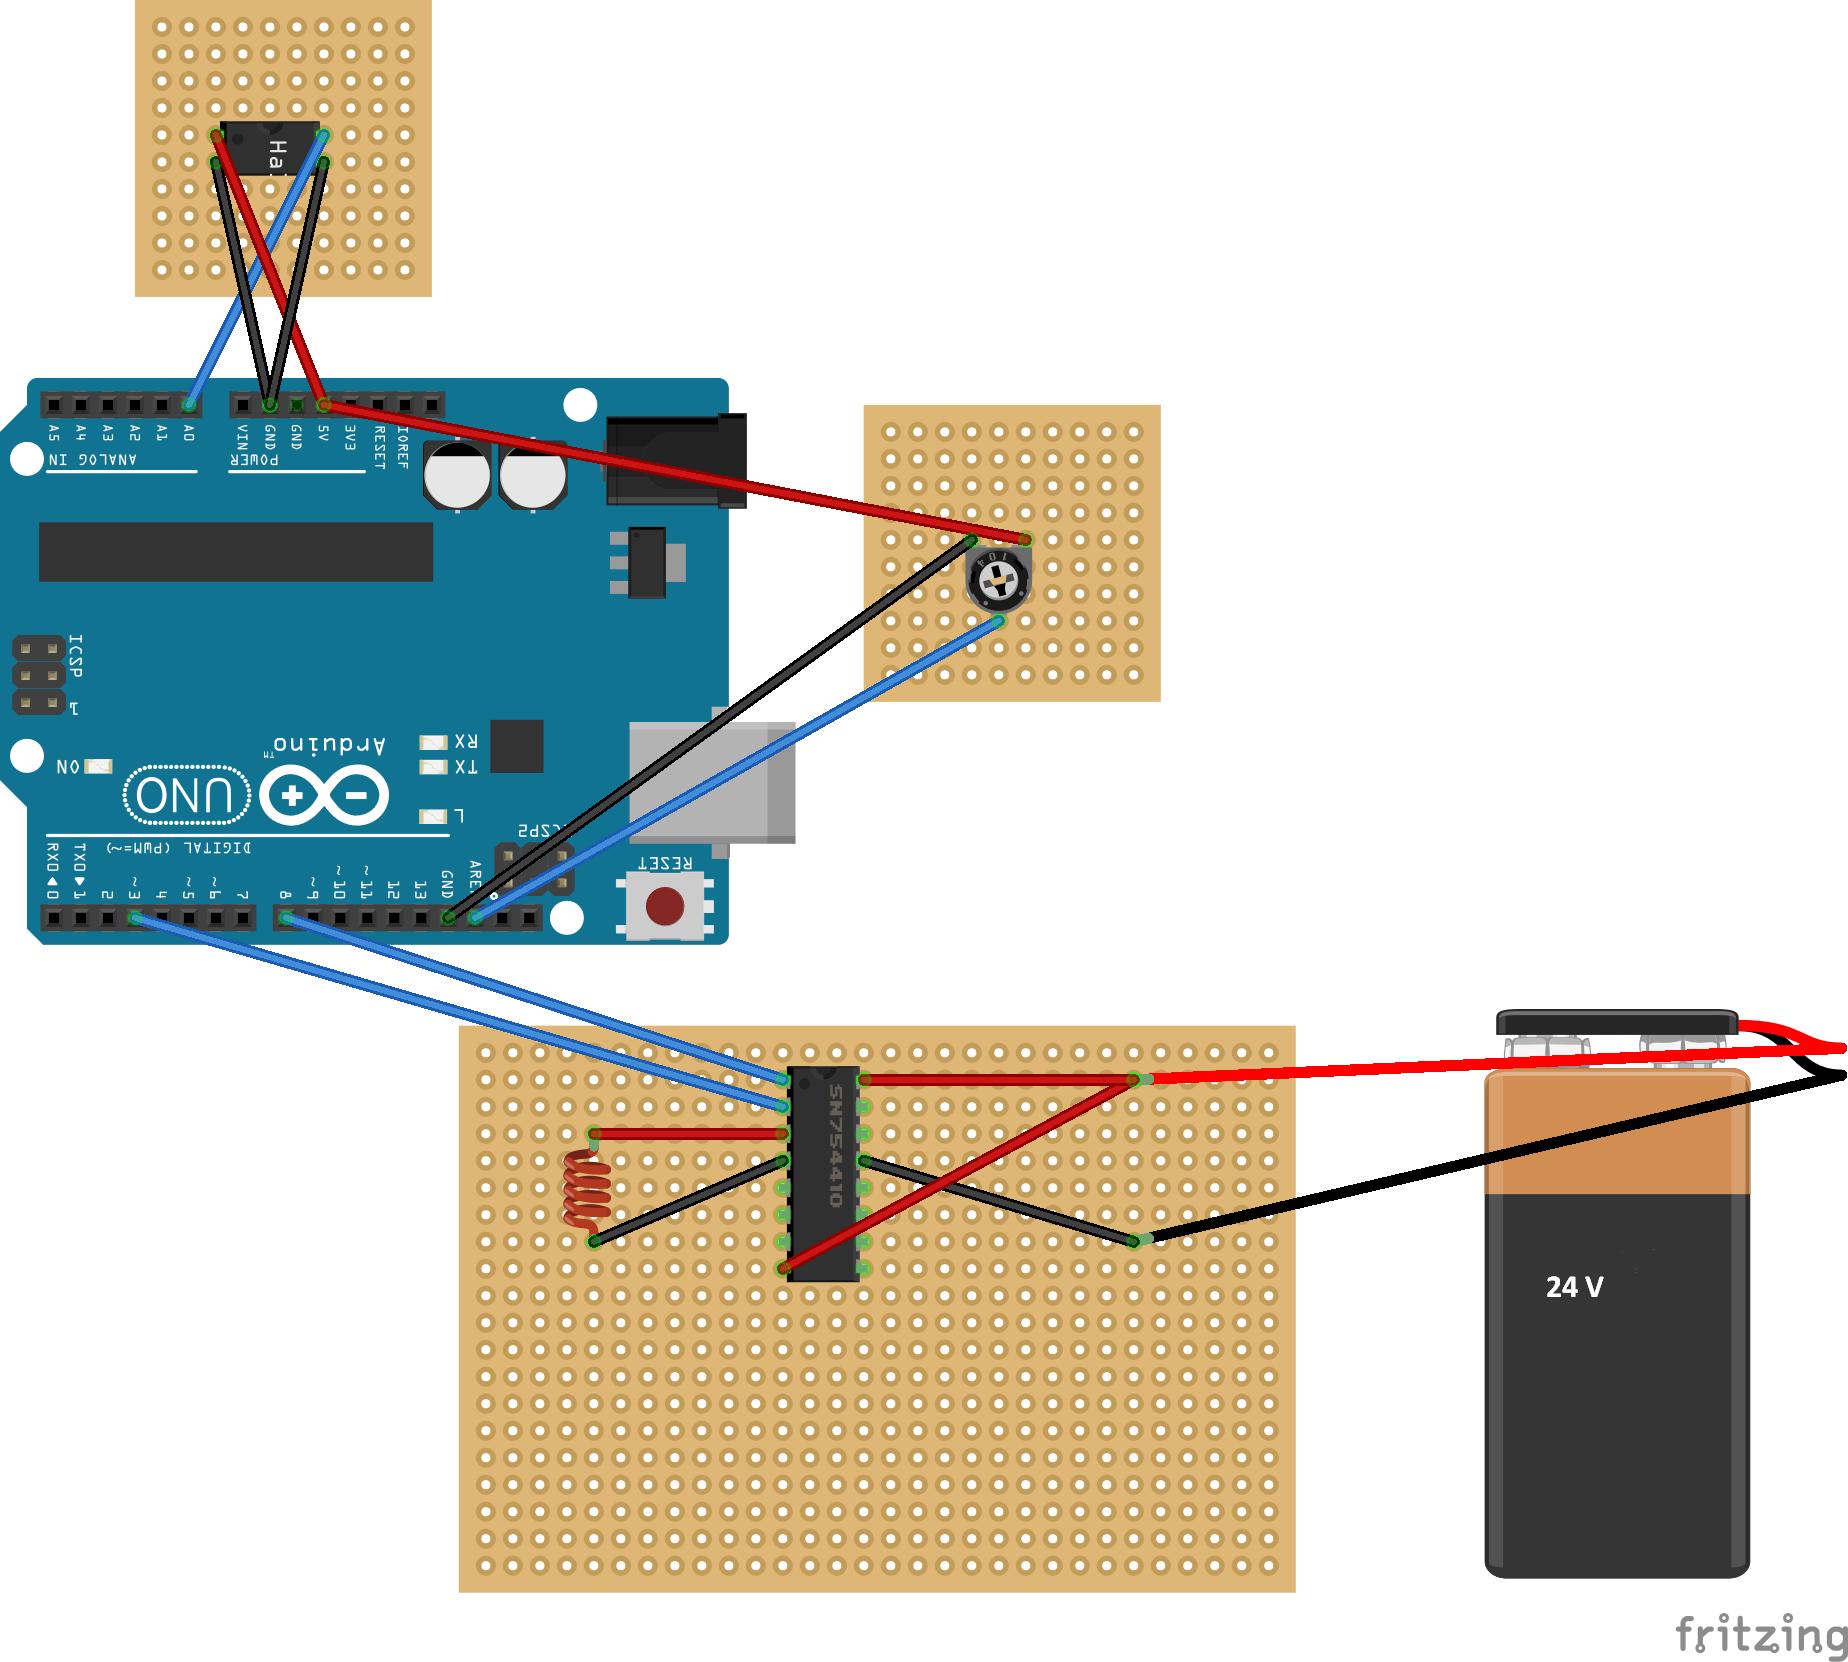 schwebende kugel mit arduino - mikrocontroller